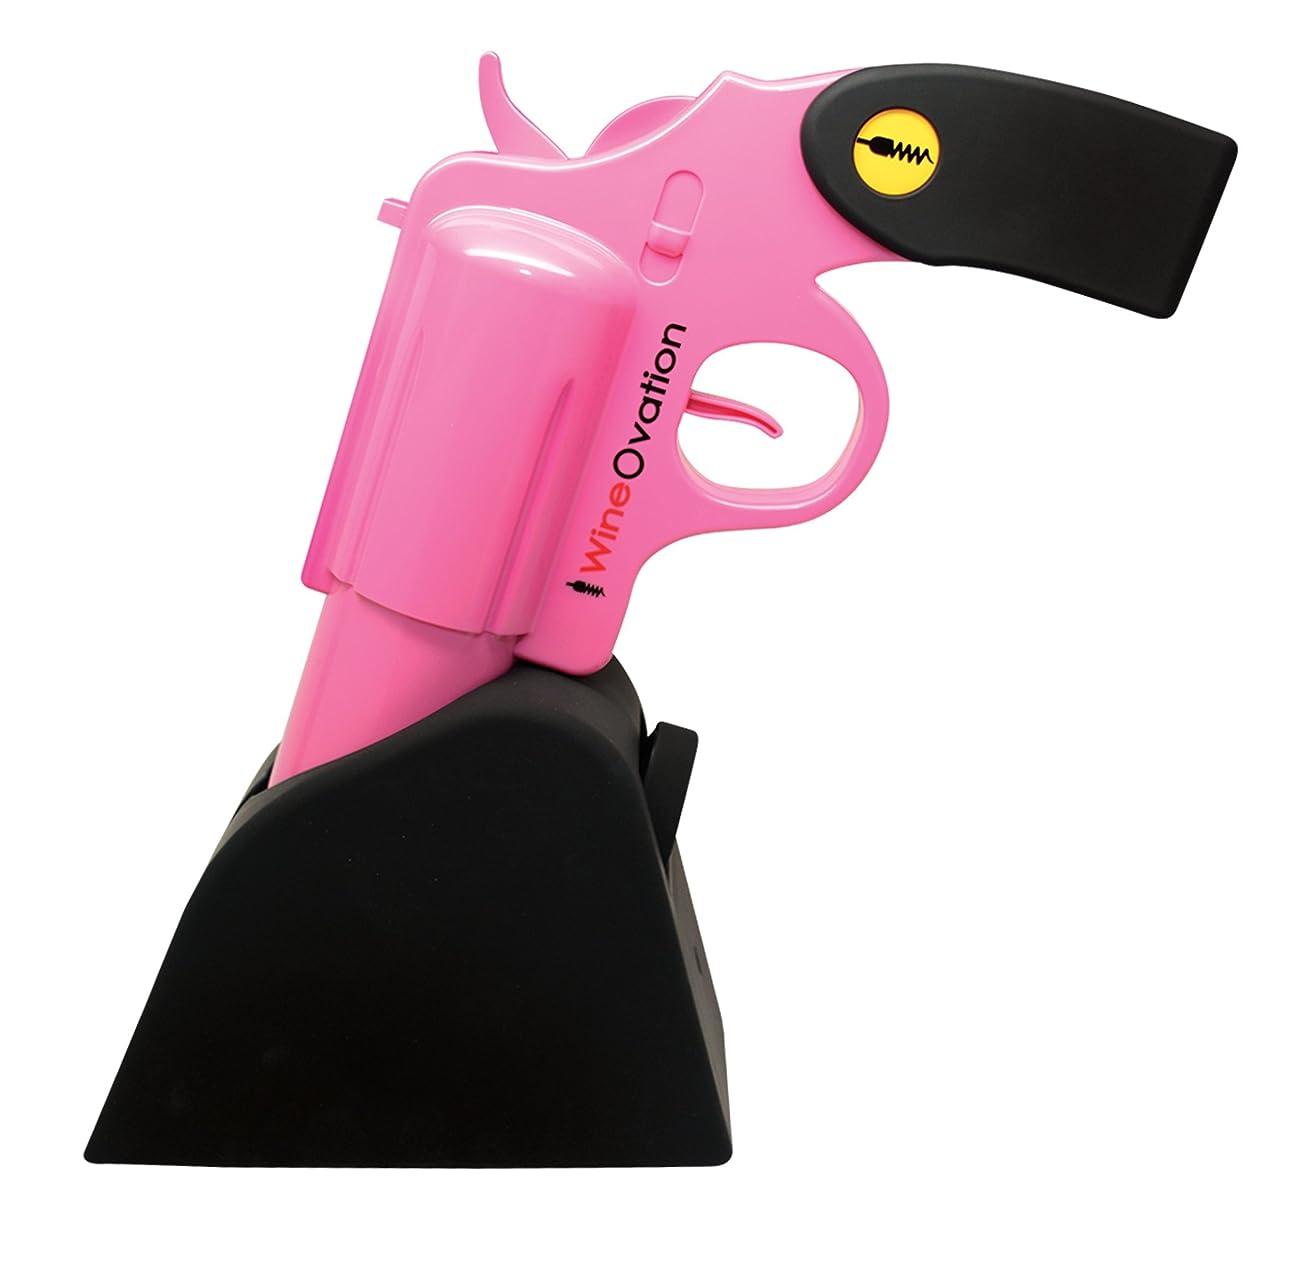 スリッパ主流犯罪WineOvation 拳銃型電動ワインオープナー (ピンク)